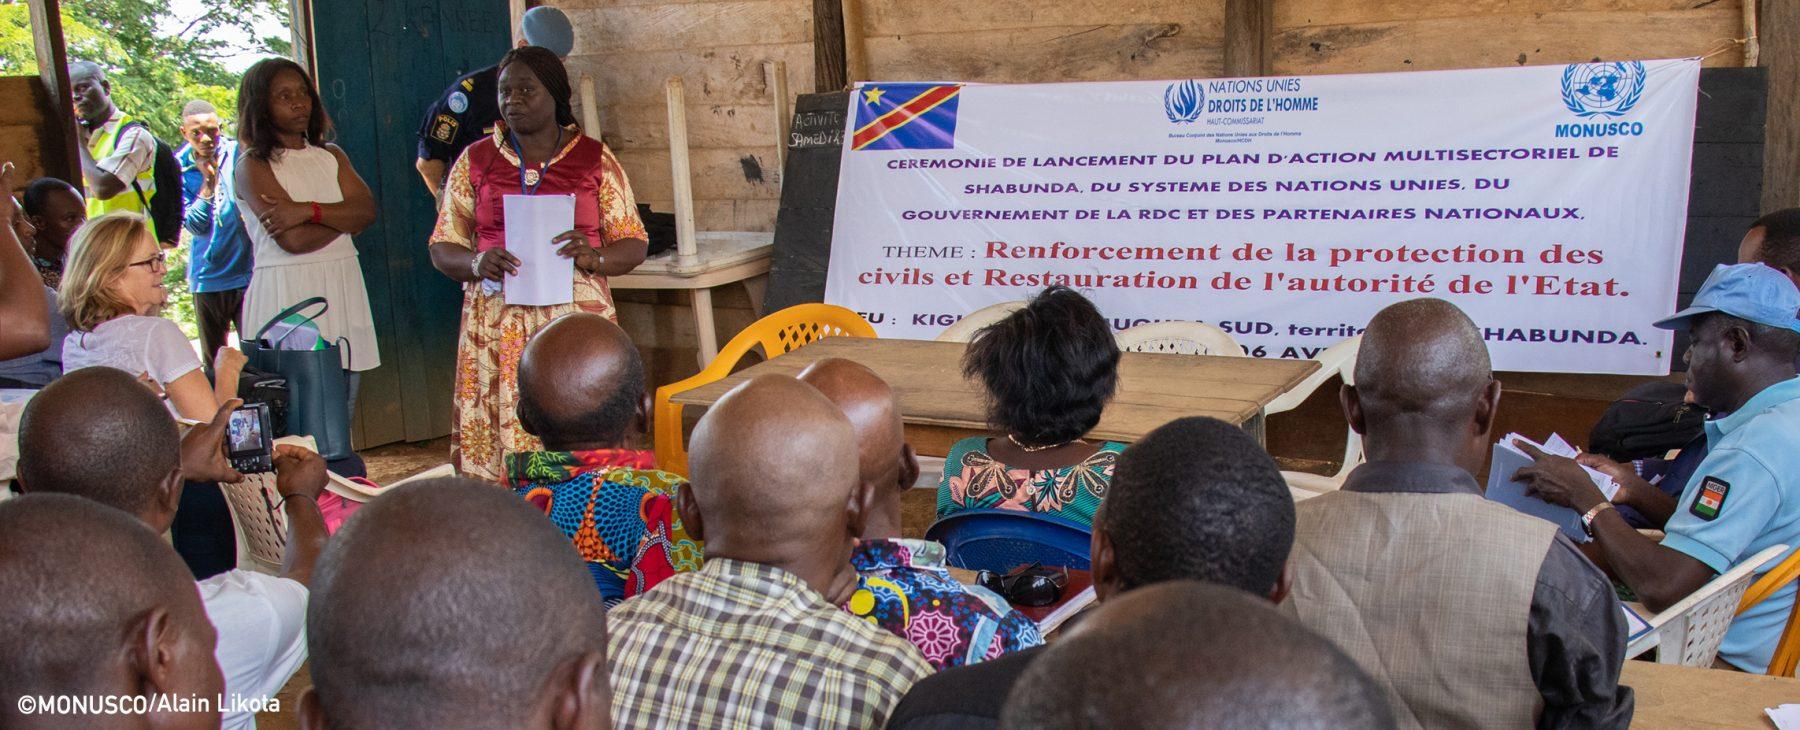 Les Nations Unies et ses partenaires en RDC lancent un plan de stabilisation autour de Shabunda